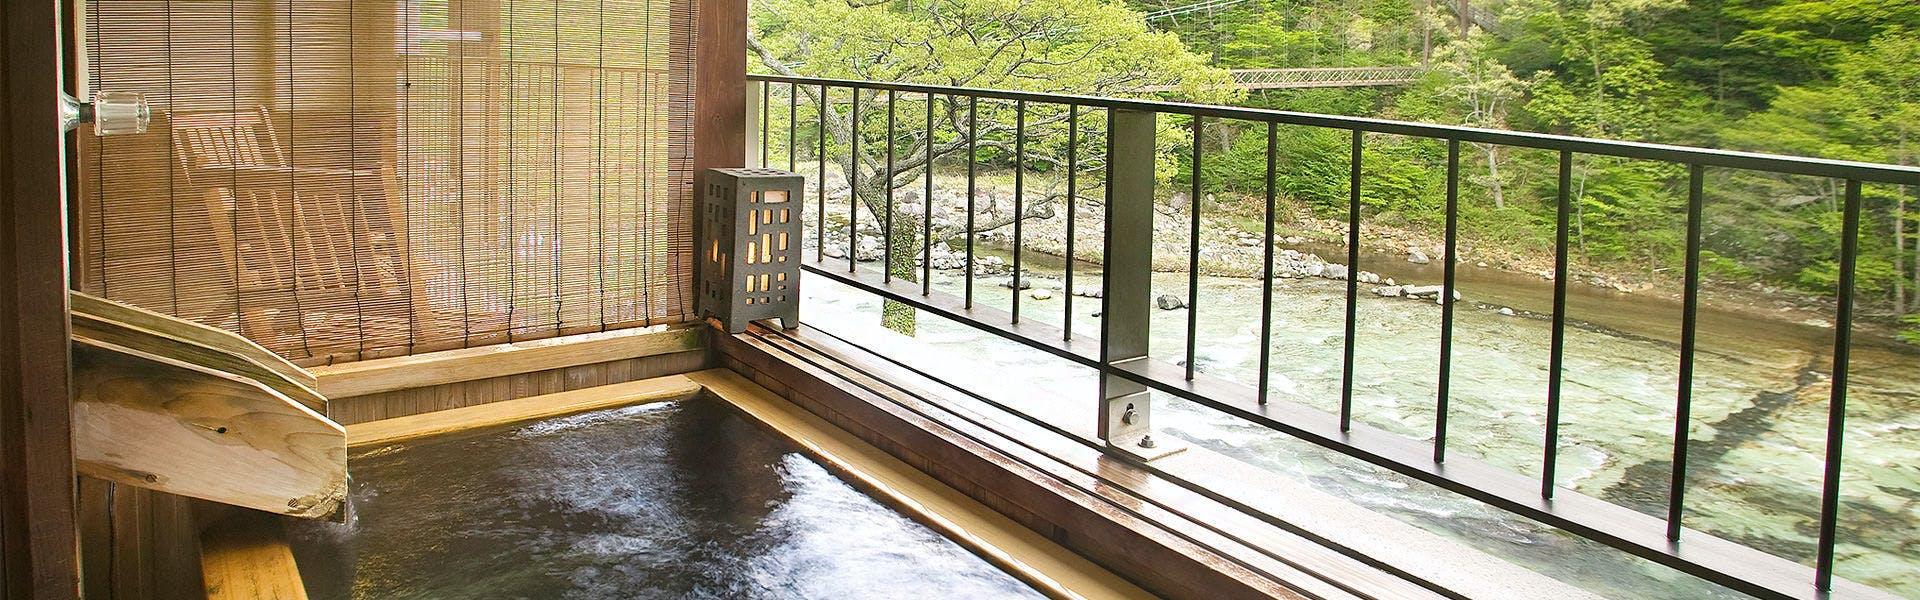 記念日におすすめのホテル・塩原温泉 人・季・想をつむぐ宿 彩つむぎの写真3